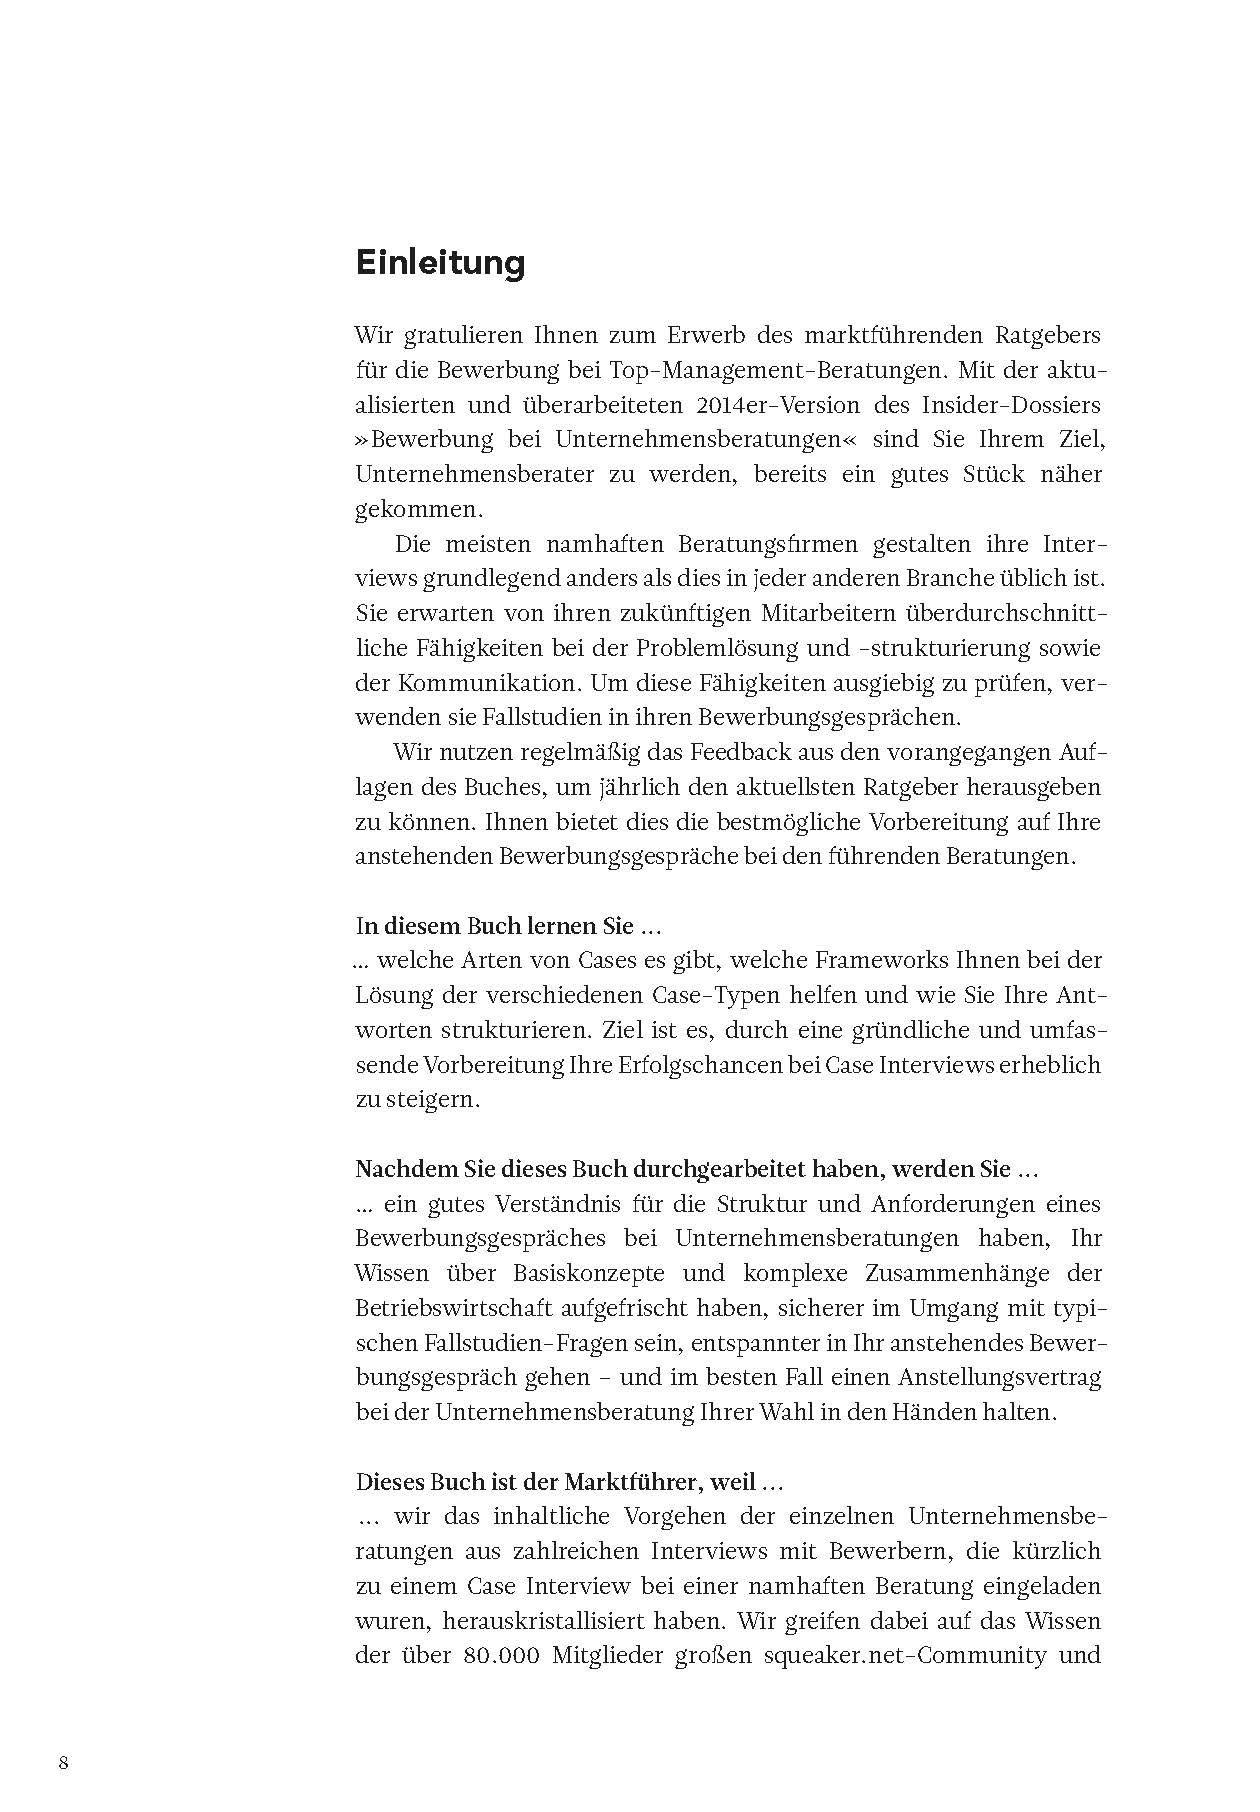 Das Insider-Dossier: Bewerbung bei Unternehmensberatungen ...